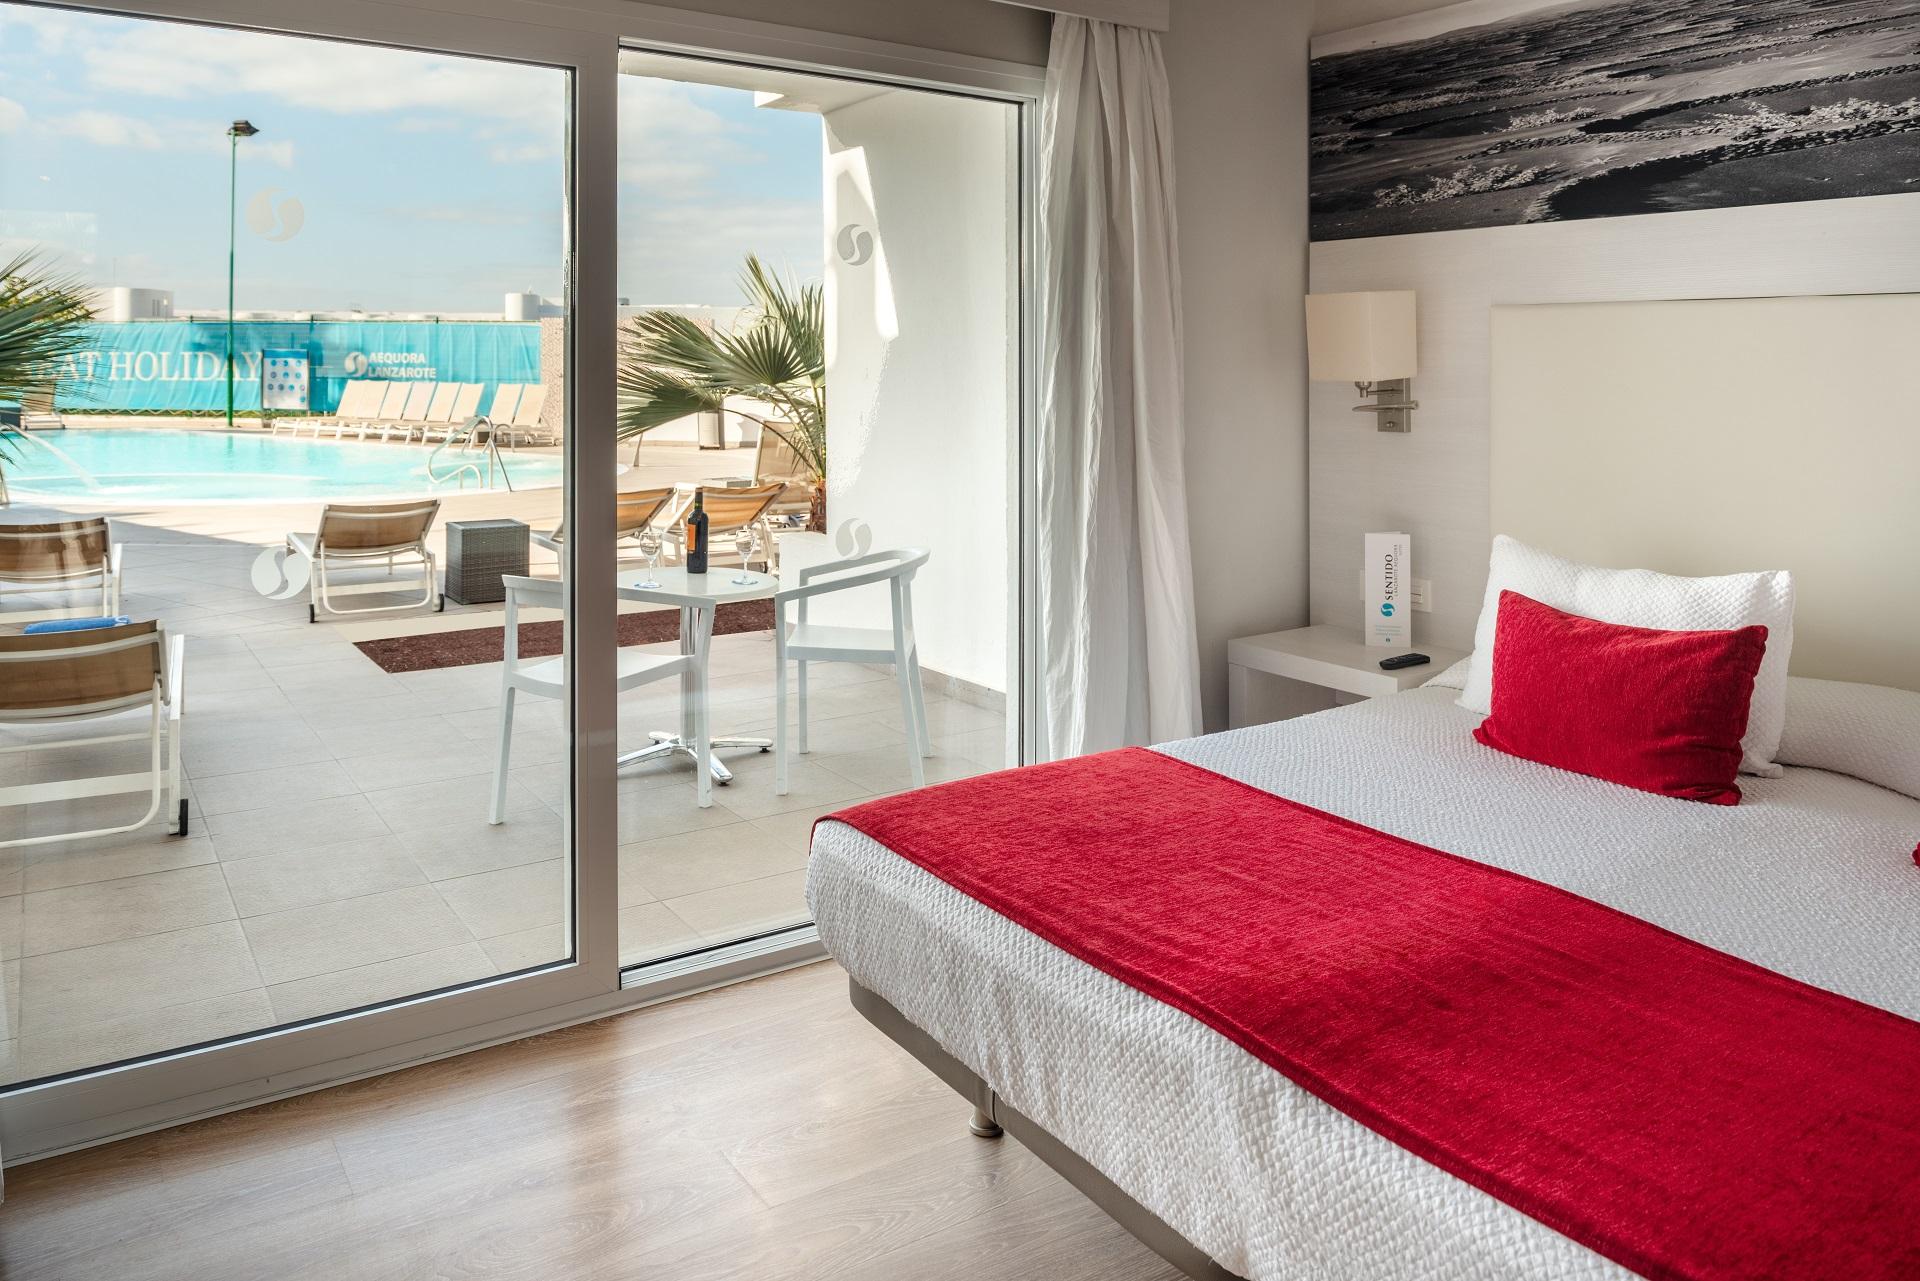 aequora-lanzarote-suites 3957